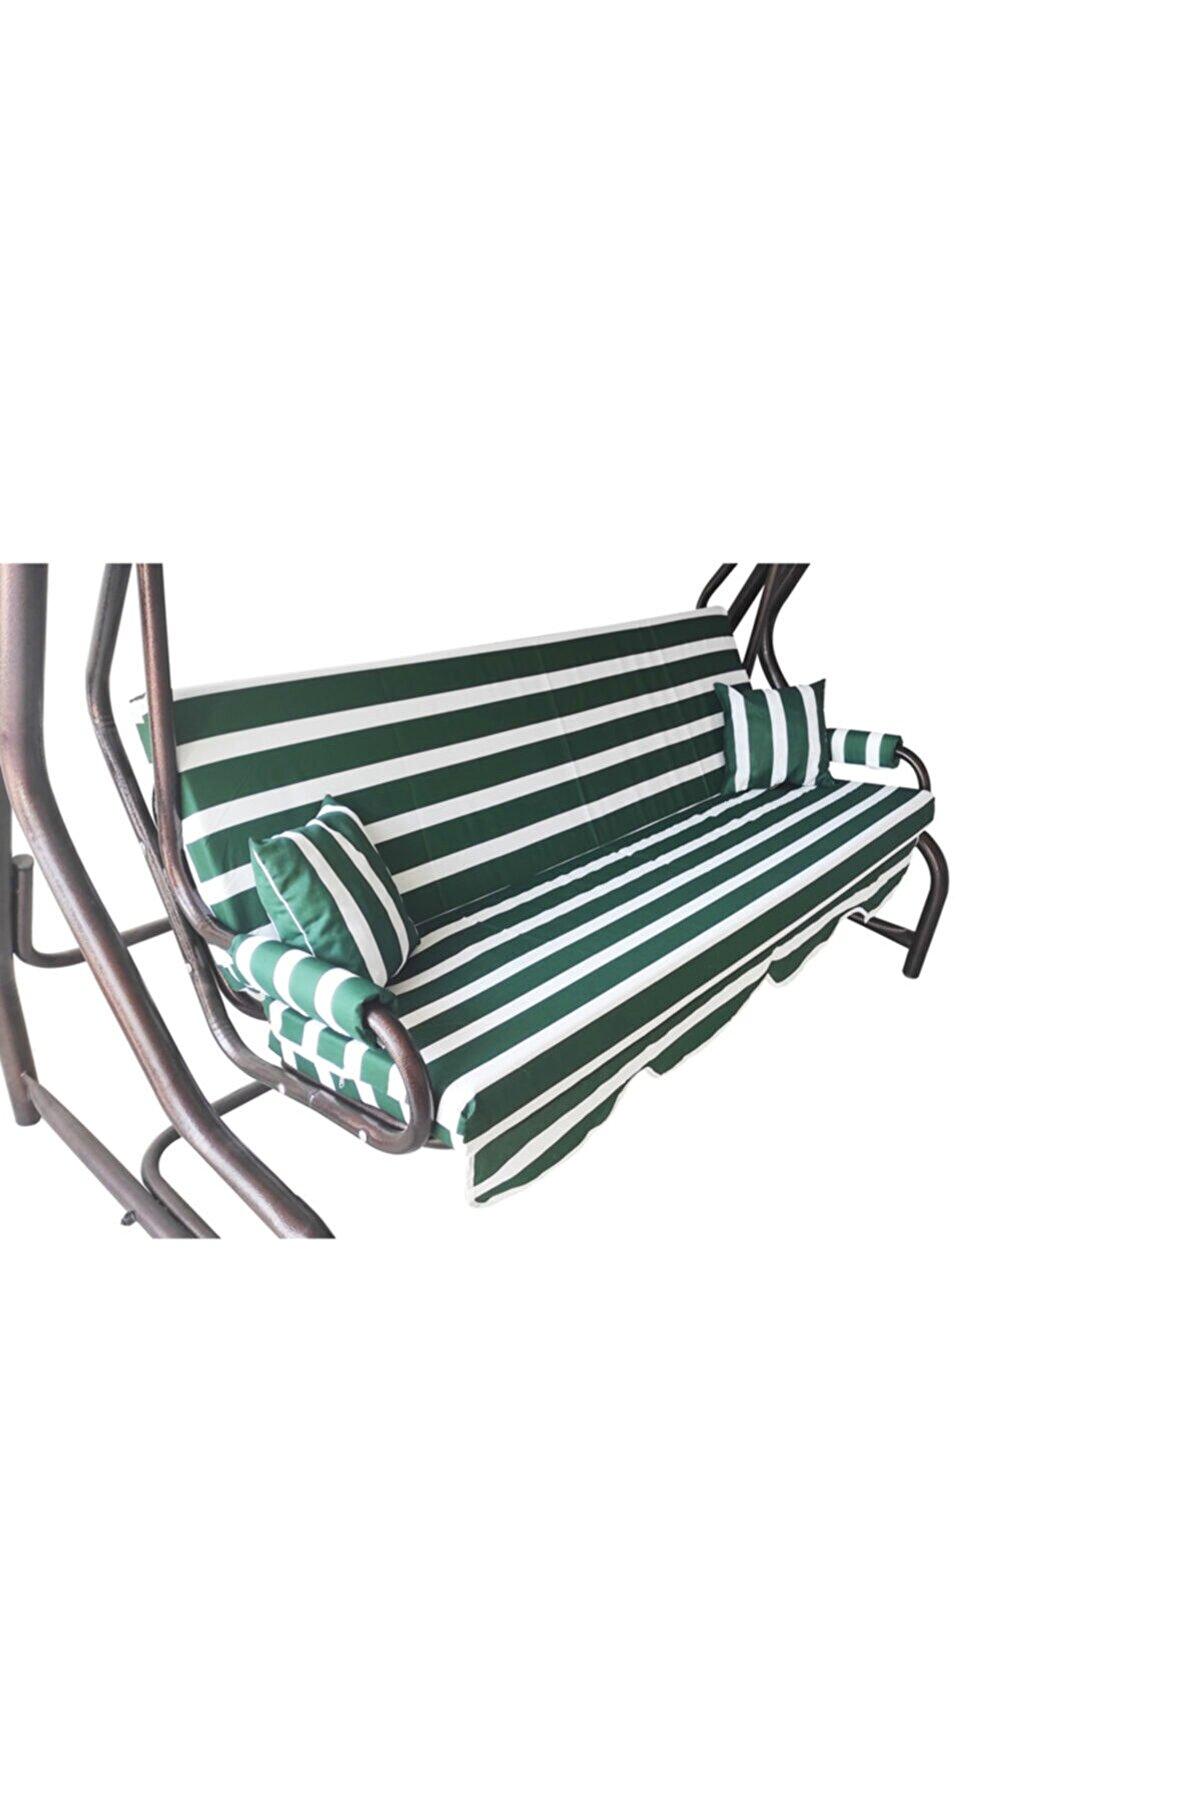 Vip Home Concept Market Ürünleri 3 Kişilik Süngersiz Bahçe Salıncak Minderi Kılıfı